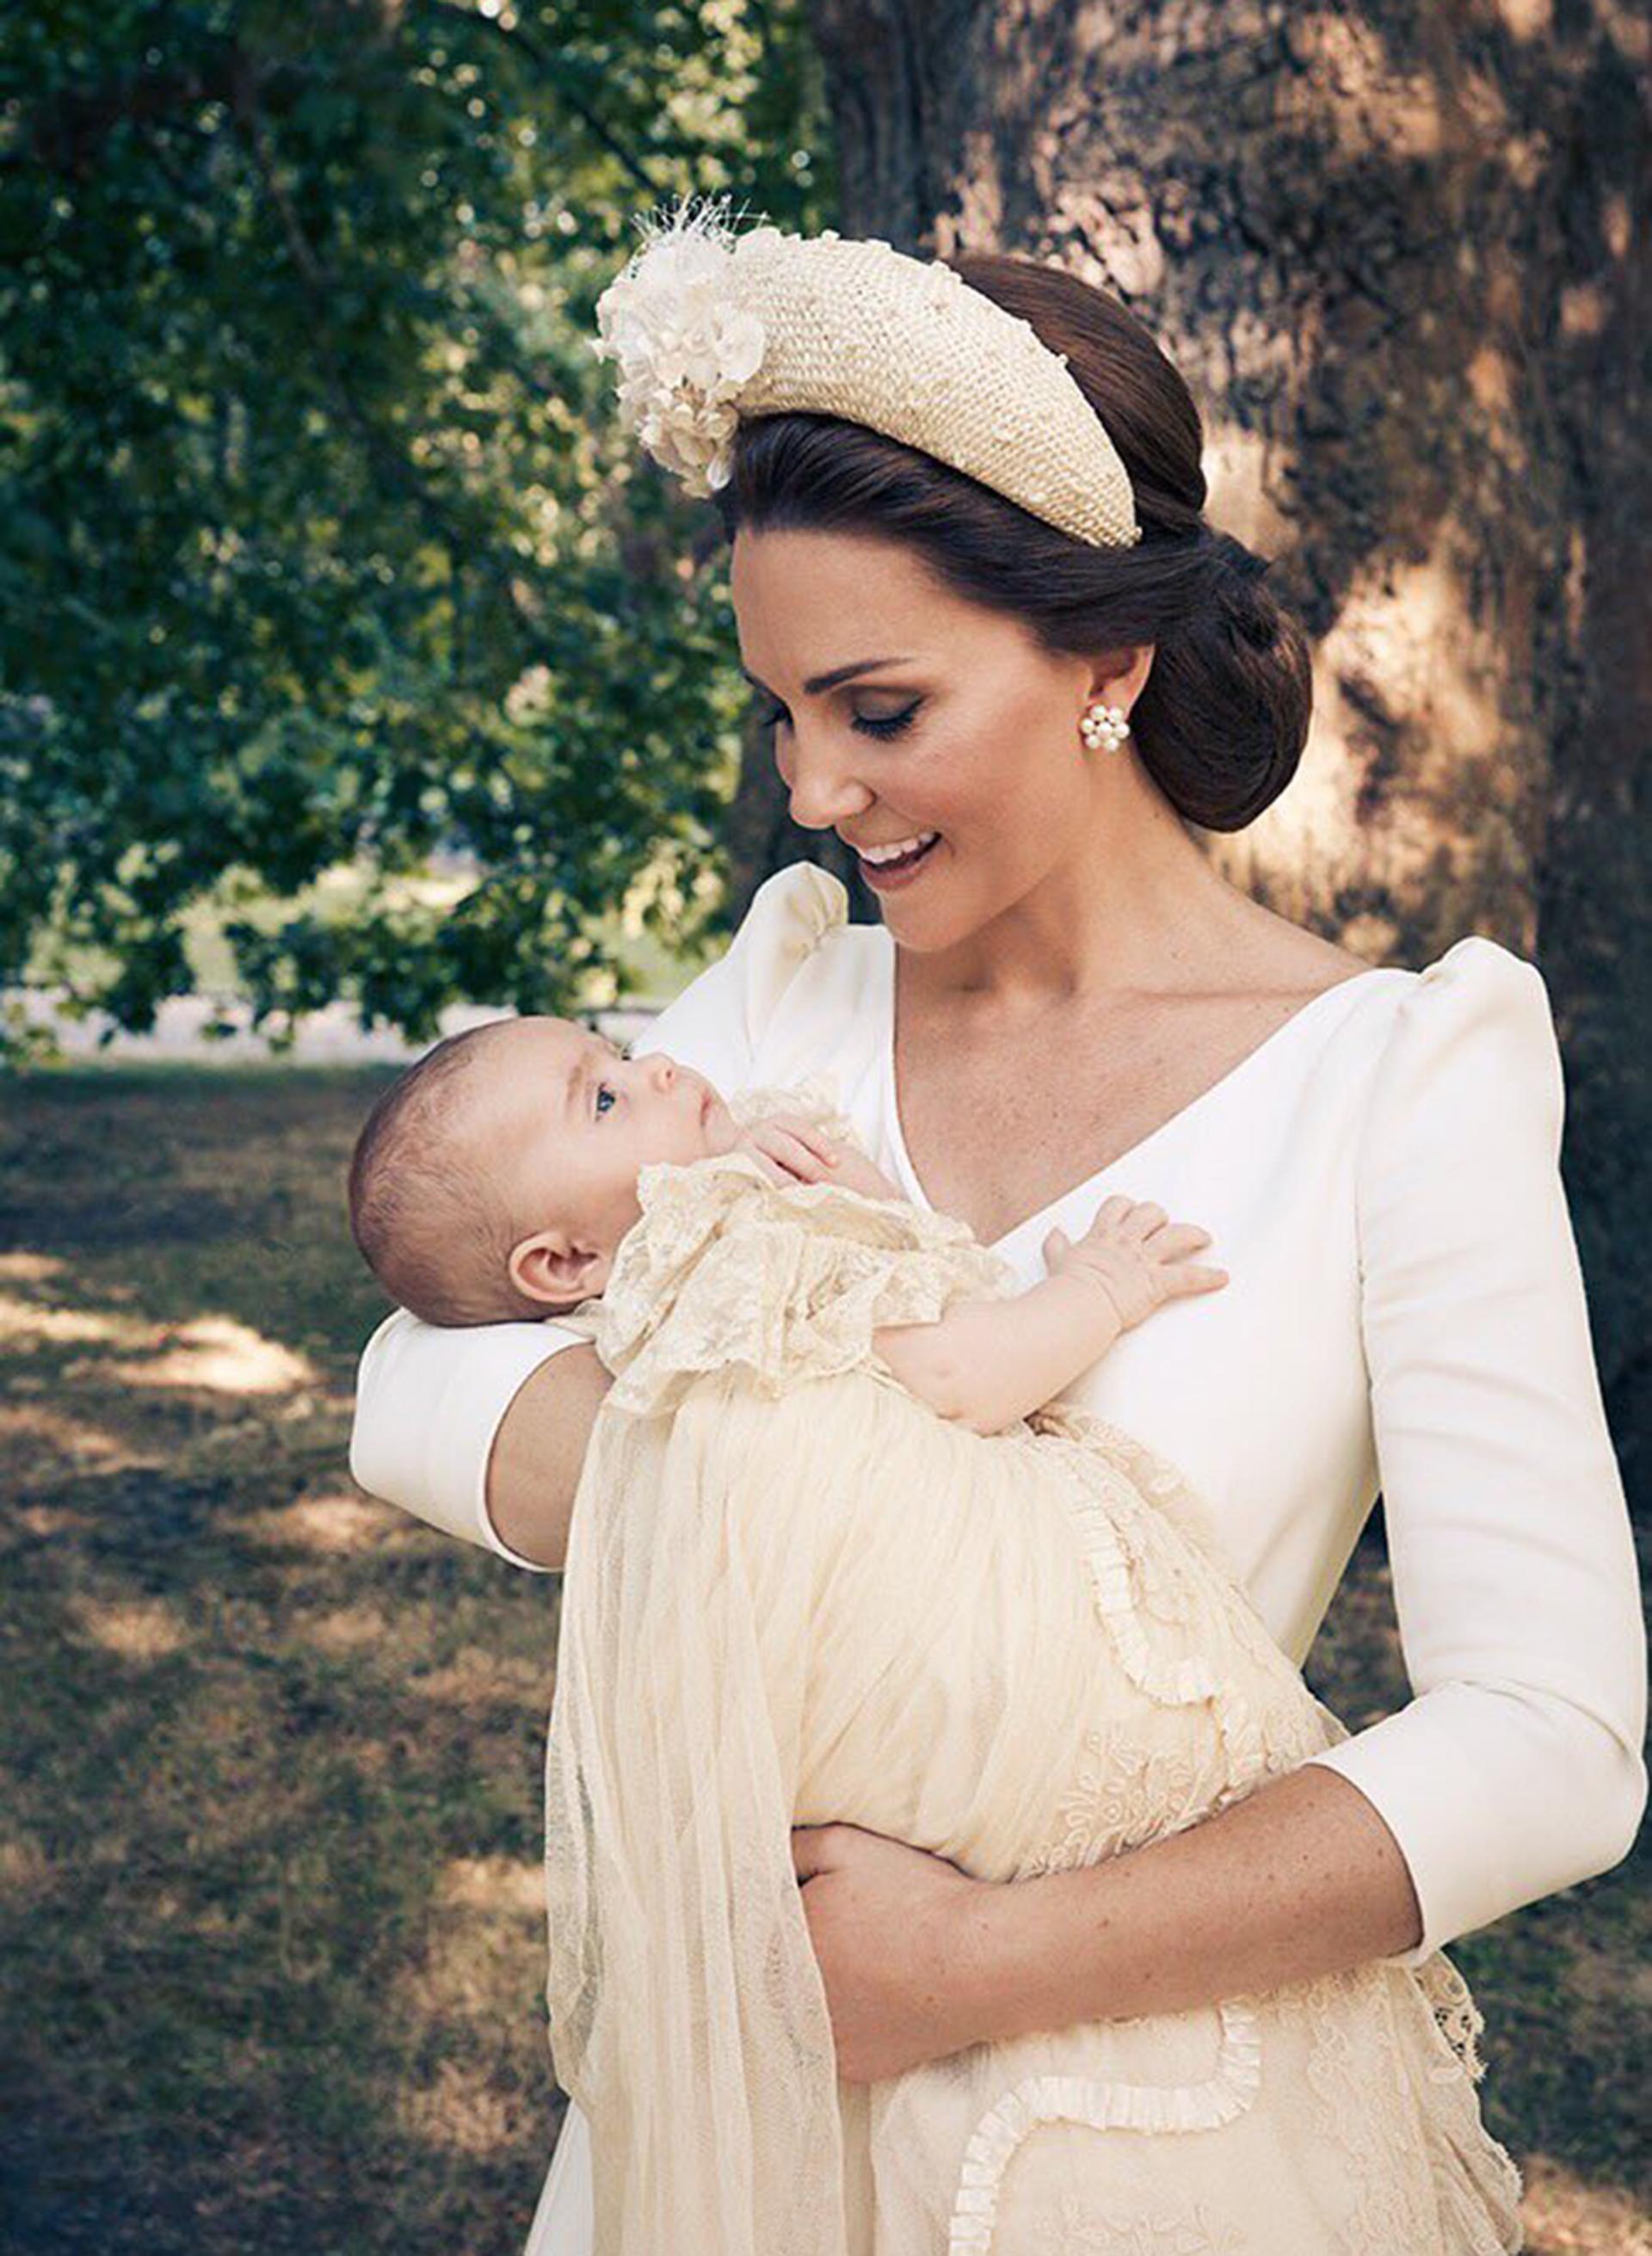 Kate Middleton sostiene en brazos al príncipe Louis, de dos meses y medio